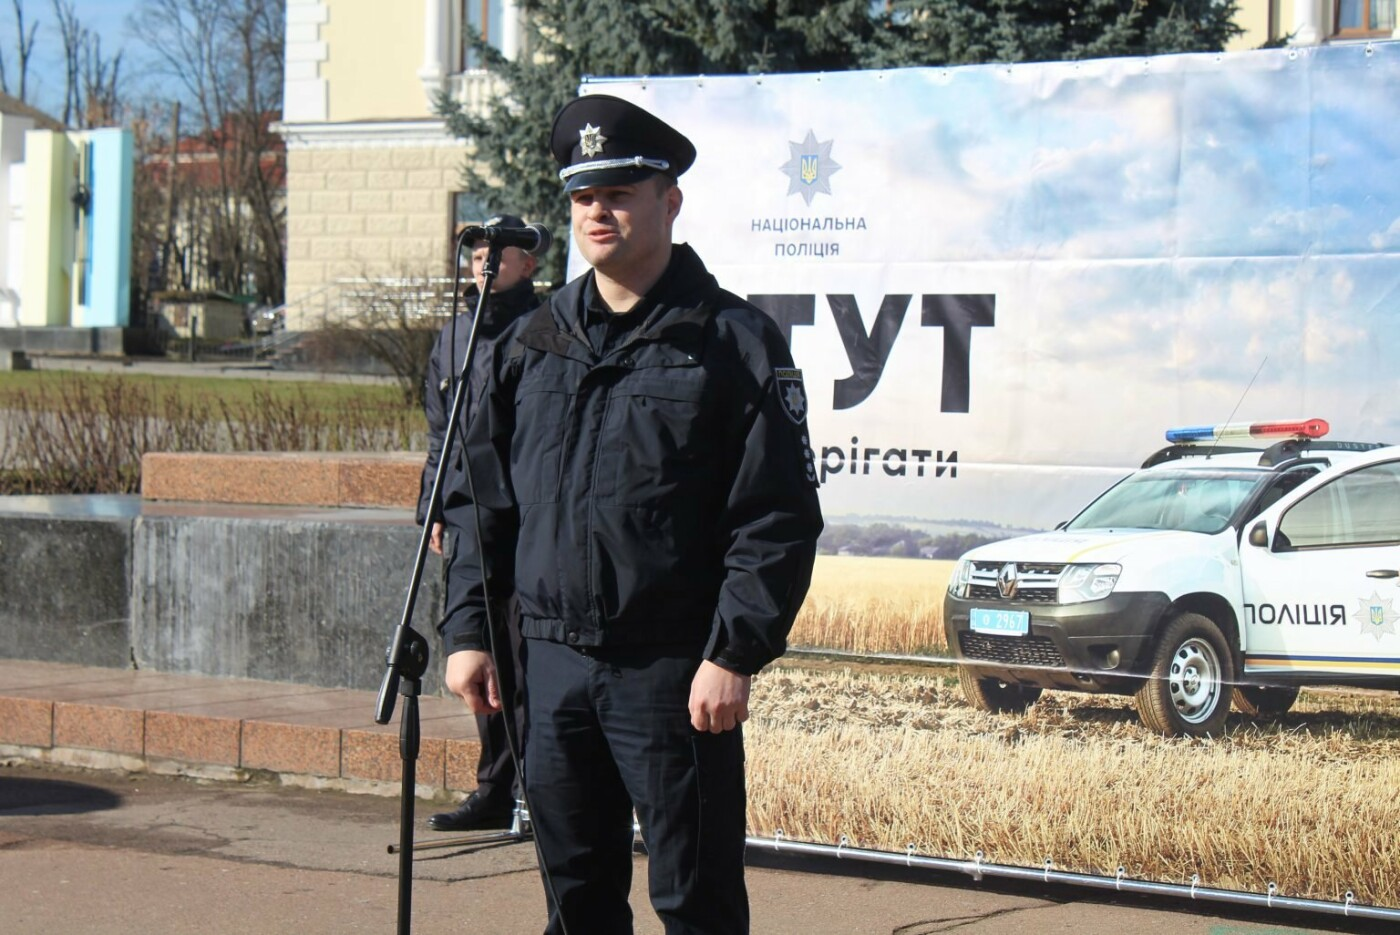 Поліцейські офіцери громади Кам'янеччини отримали службові автомобілі, фото-1, Фото: Хмельницька ОДА